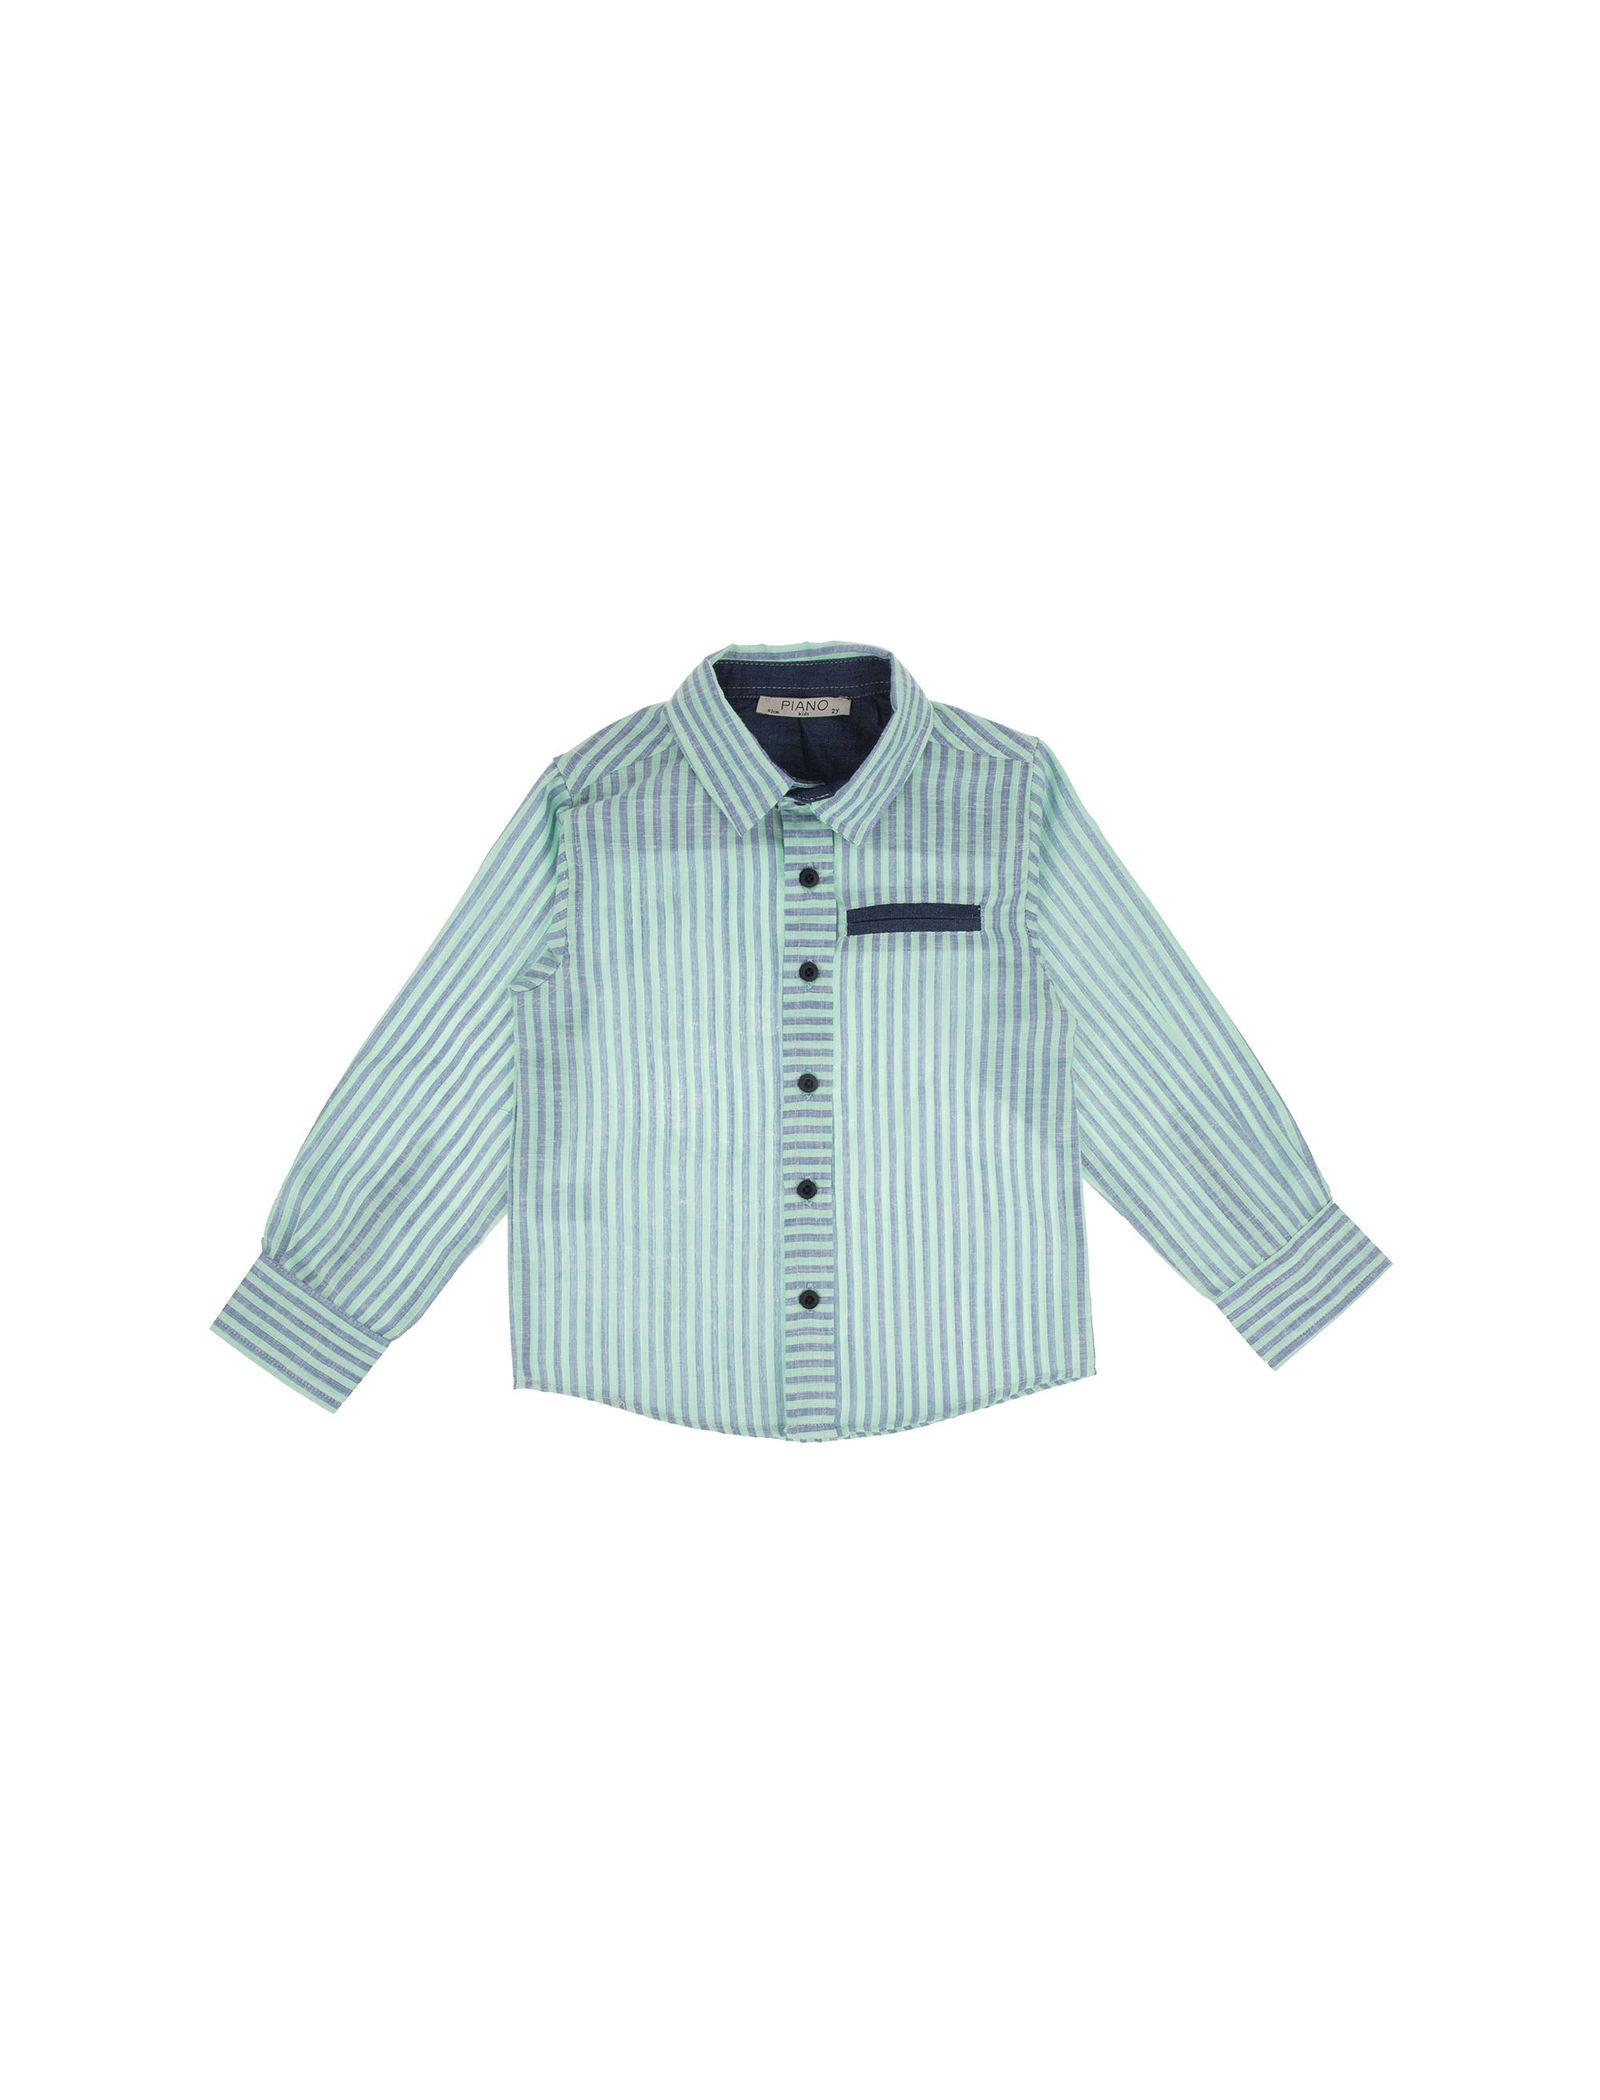 پیراهن نخی آستین بلند پسرانه - پیانو - سبز  - 1